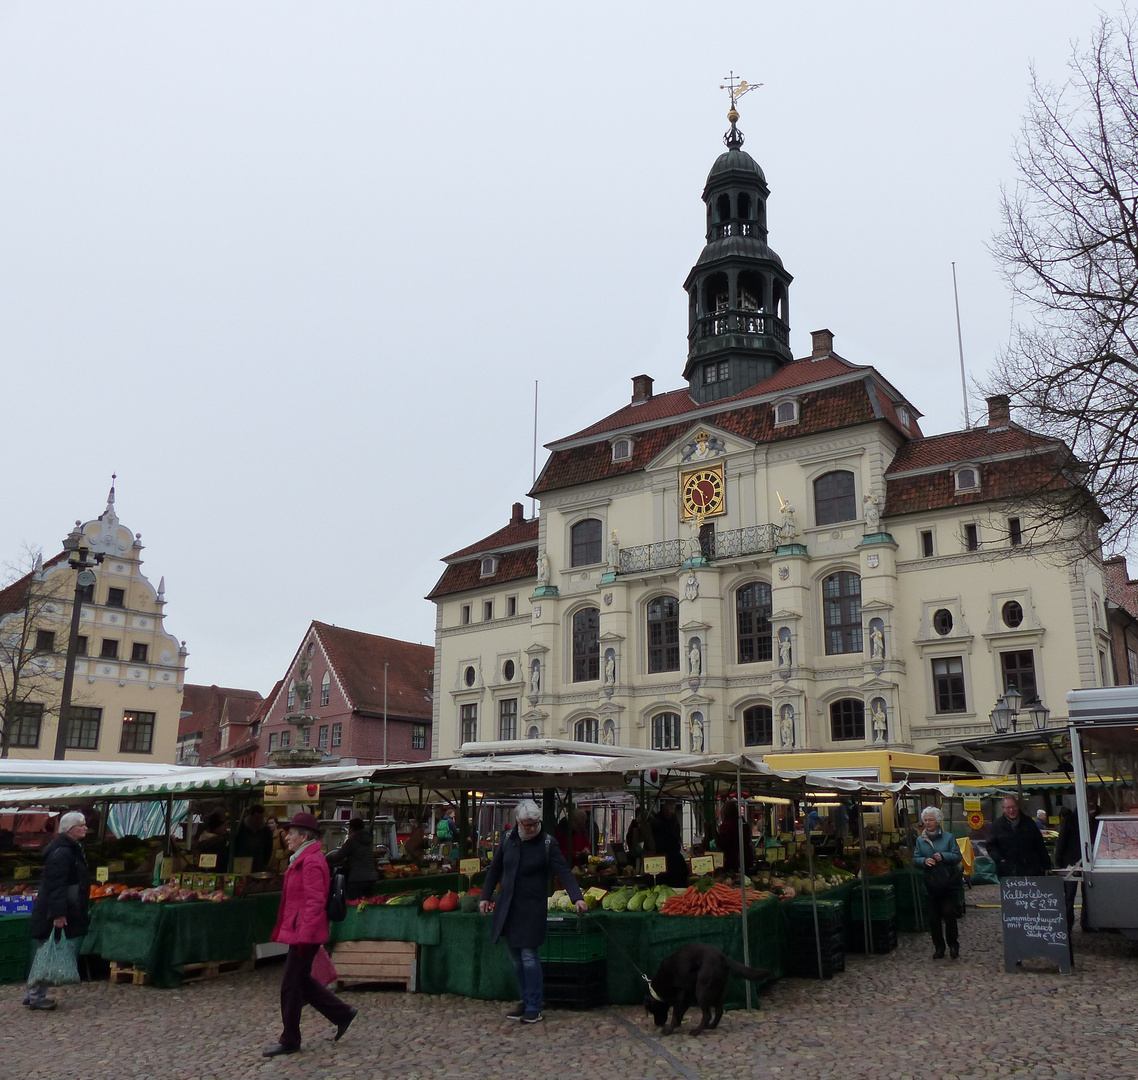 Lüneburger Wochenmarkt